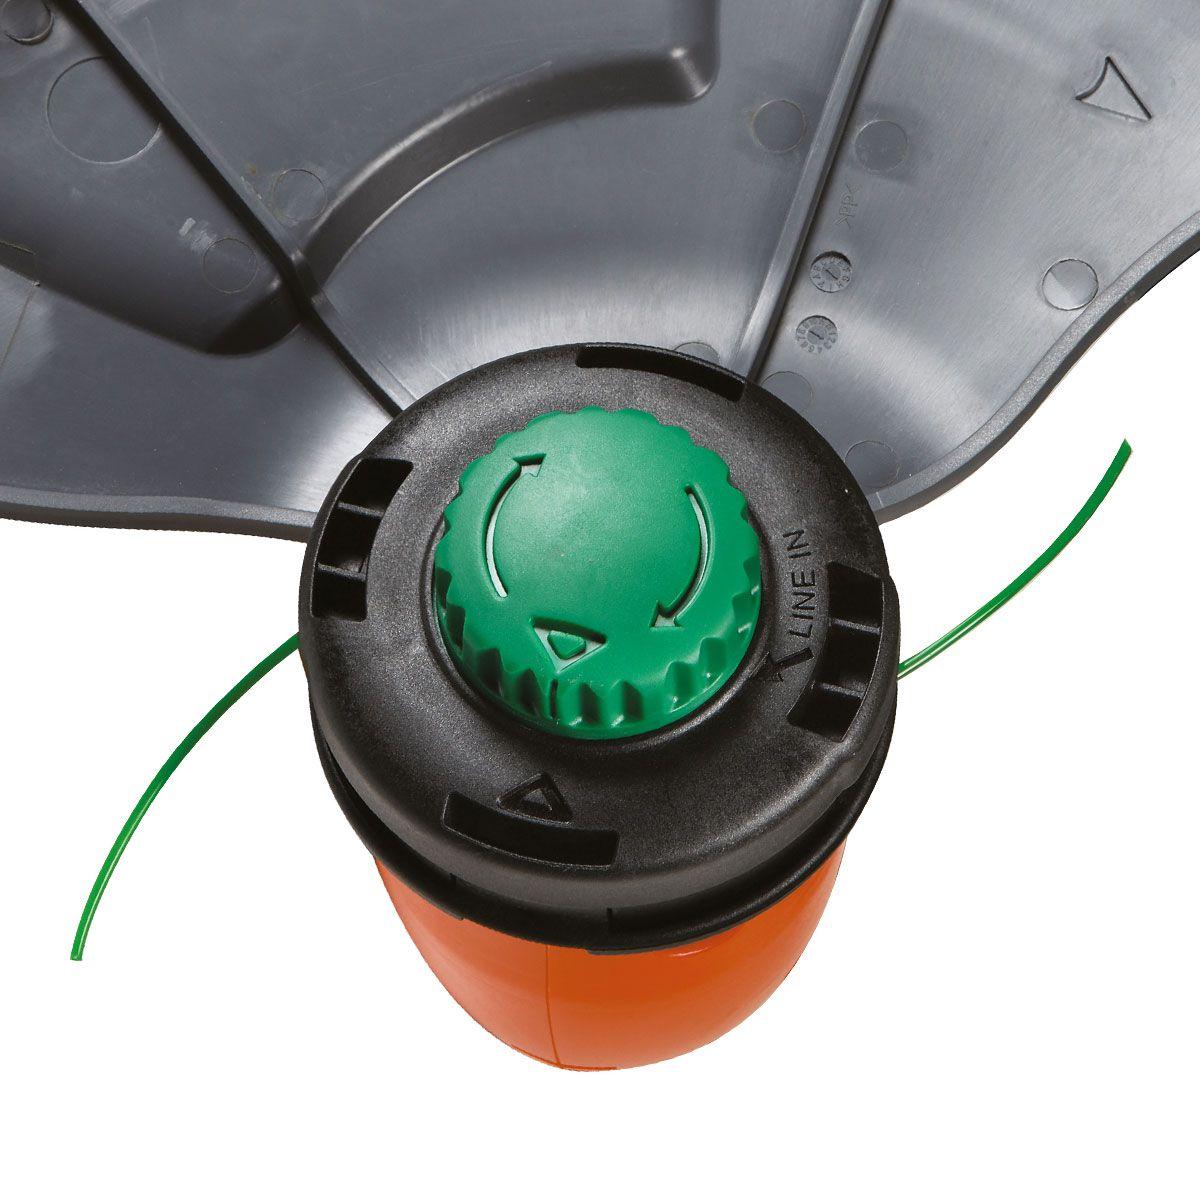 Oleo-Mac BCi 30 akkumulátoros bozótvágó géptest (24 hónap garancia)